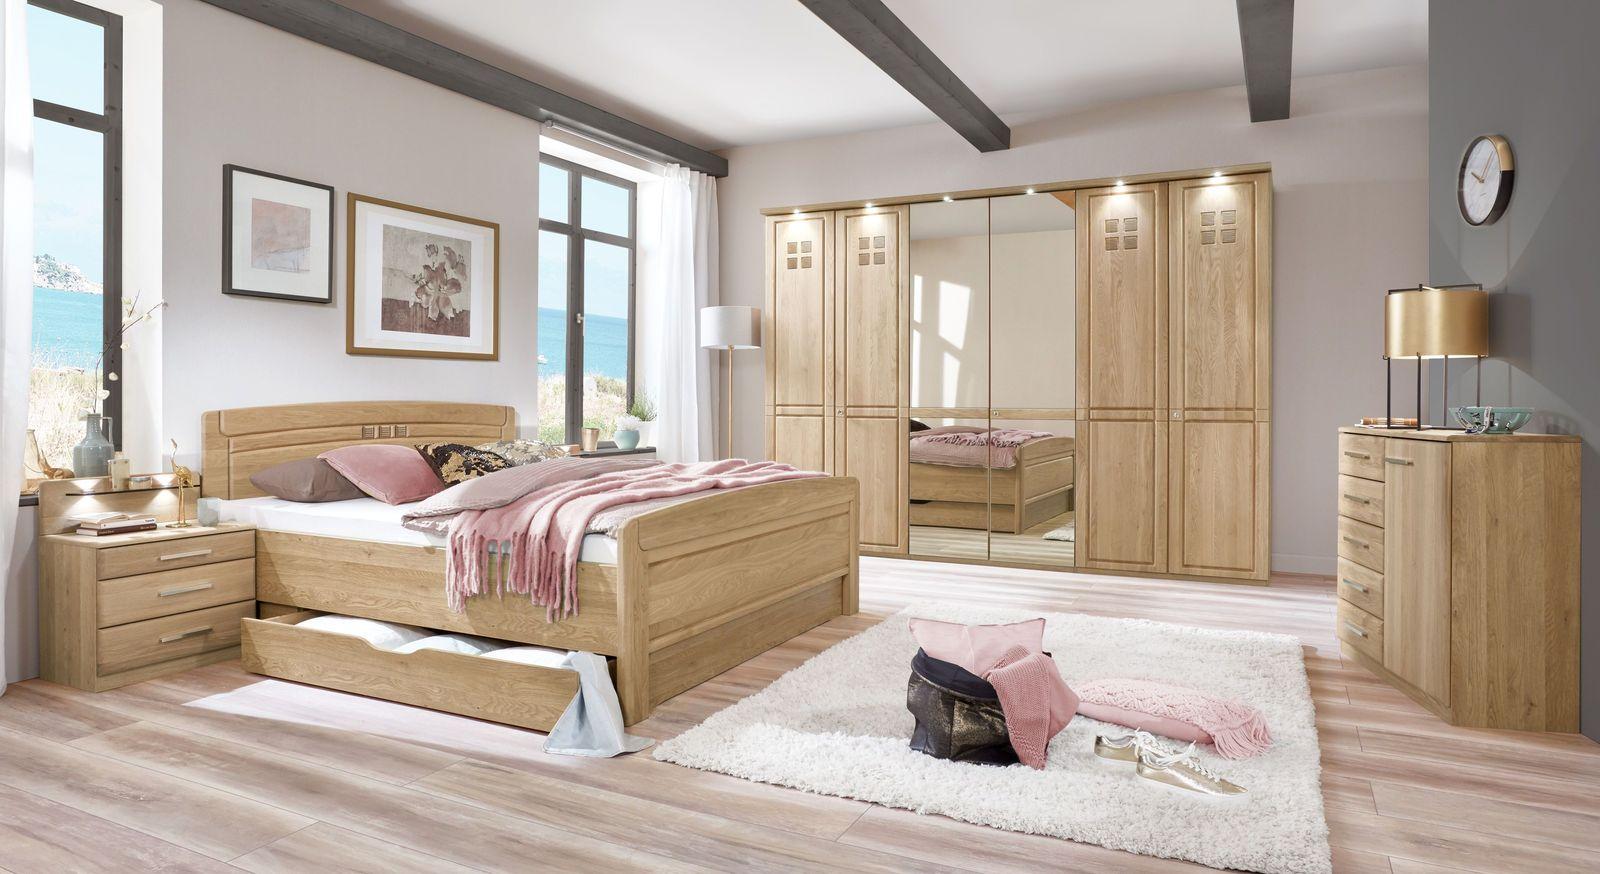 Komplett-Schlafzimmer Bloomfield in zeitlosem Design